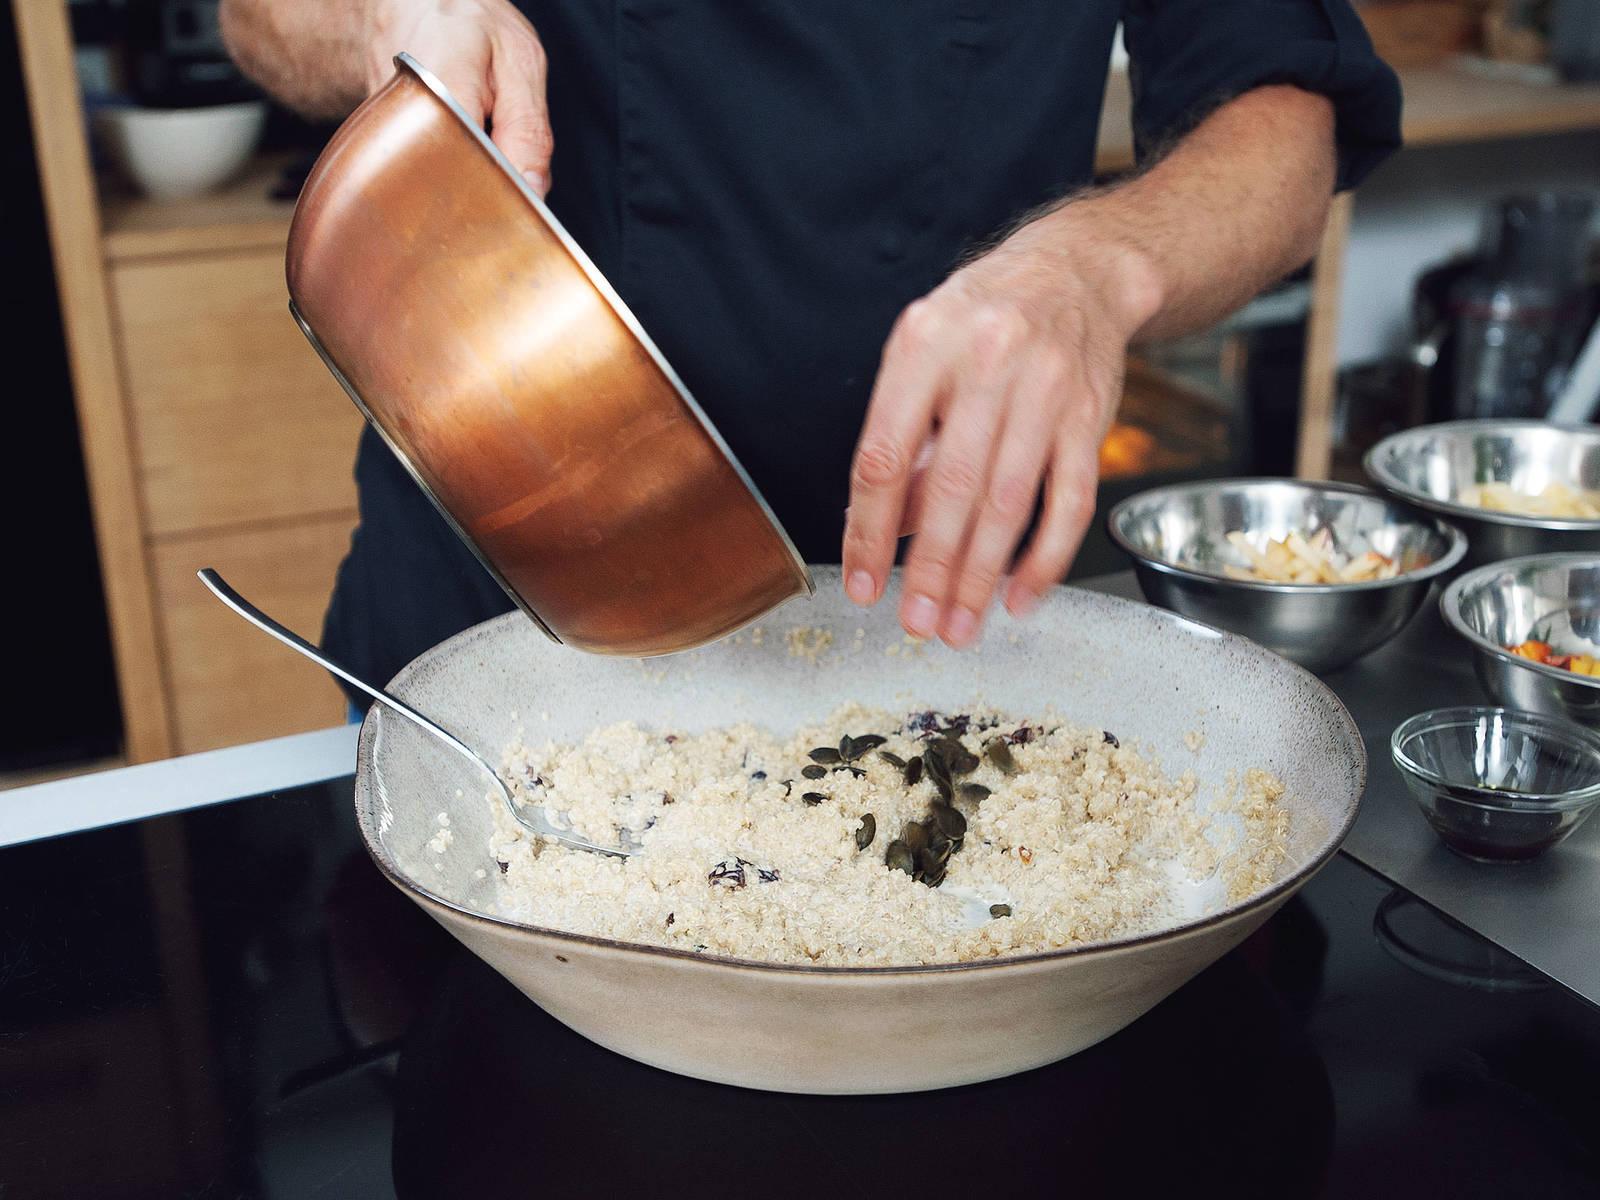 将烘烤过的南瓜籽和芝麻倒在藜麦上。